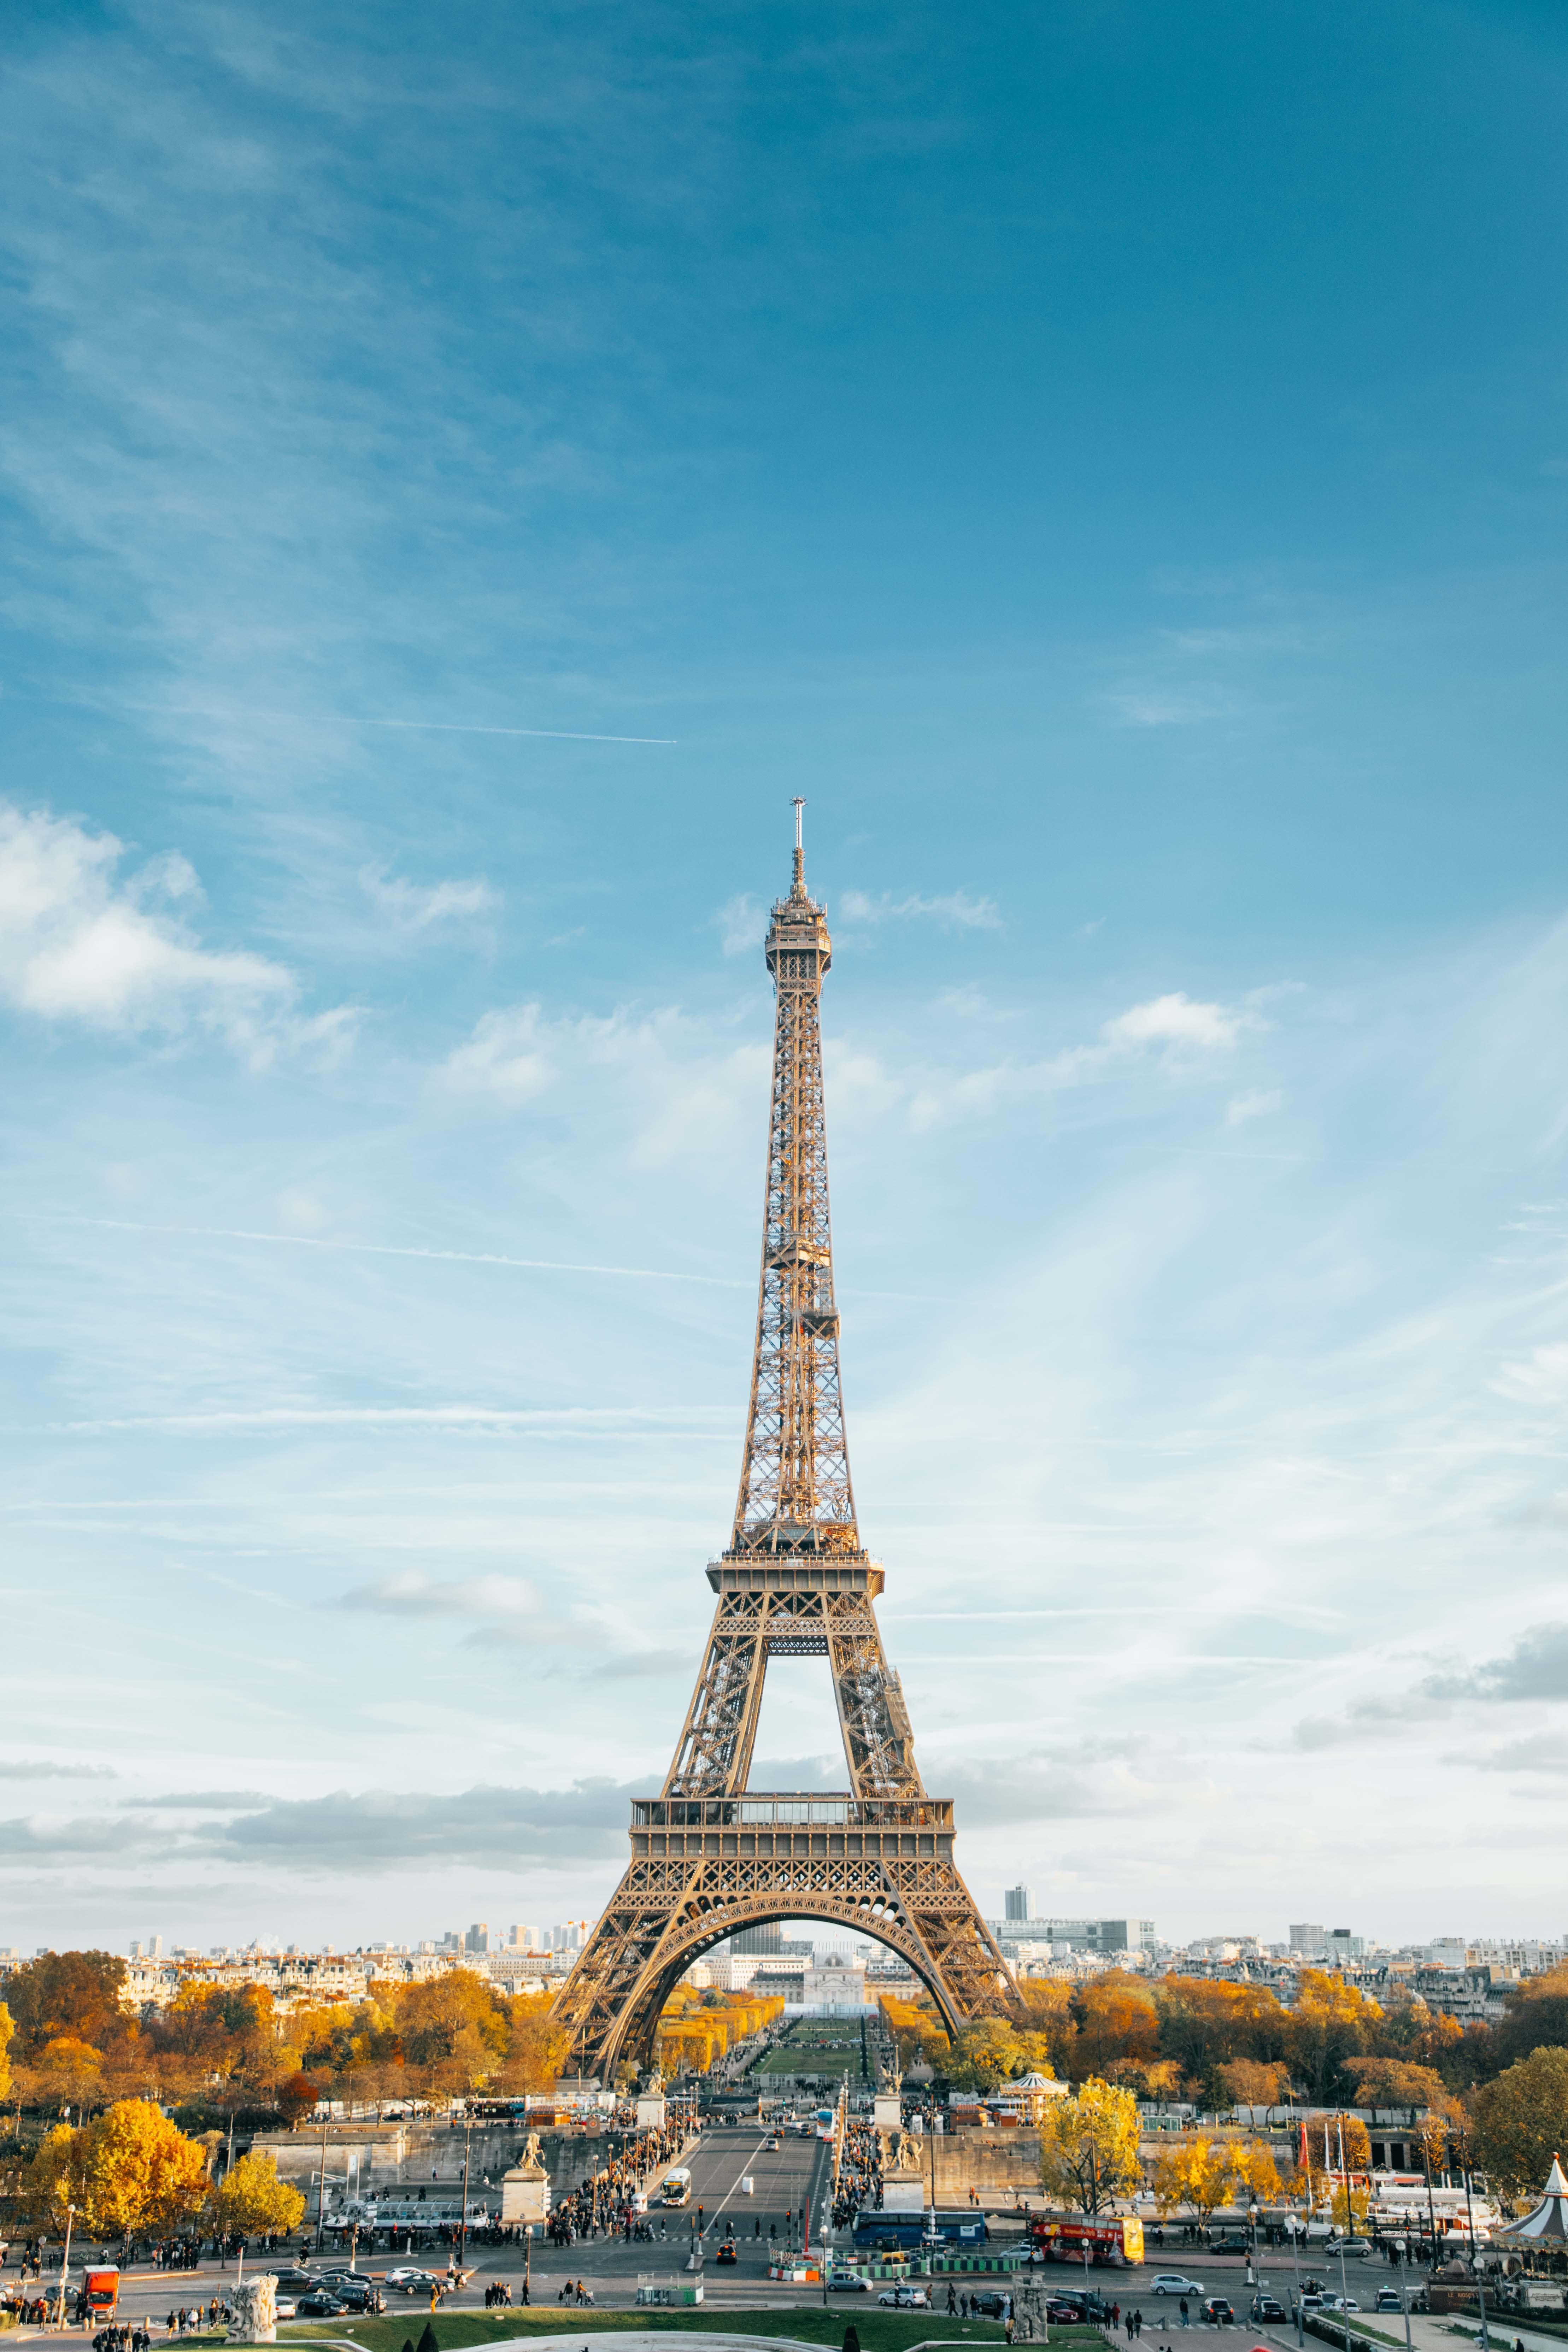 Quelles sont les plus belles villes d'europe à visiter ?